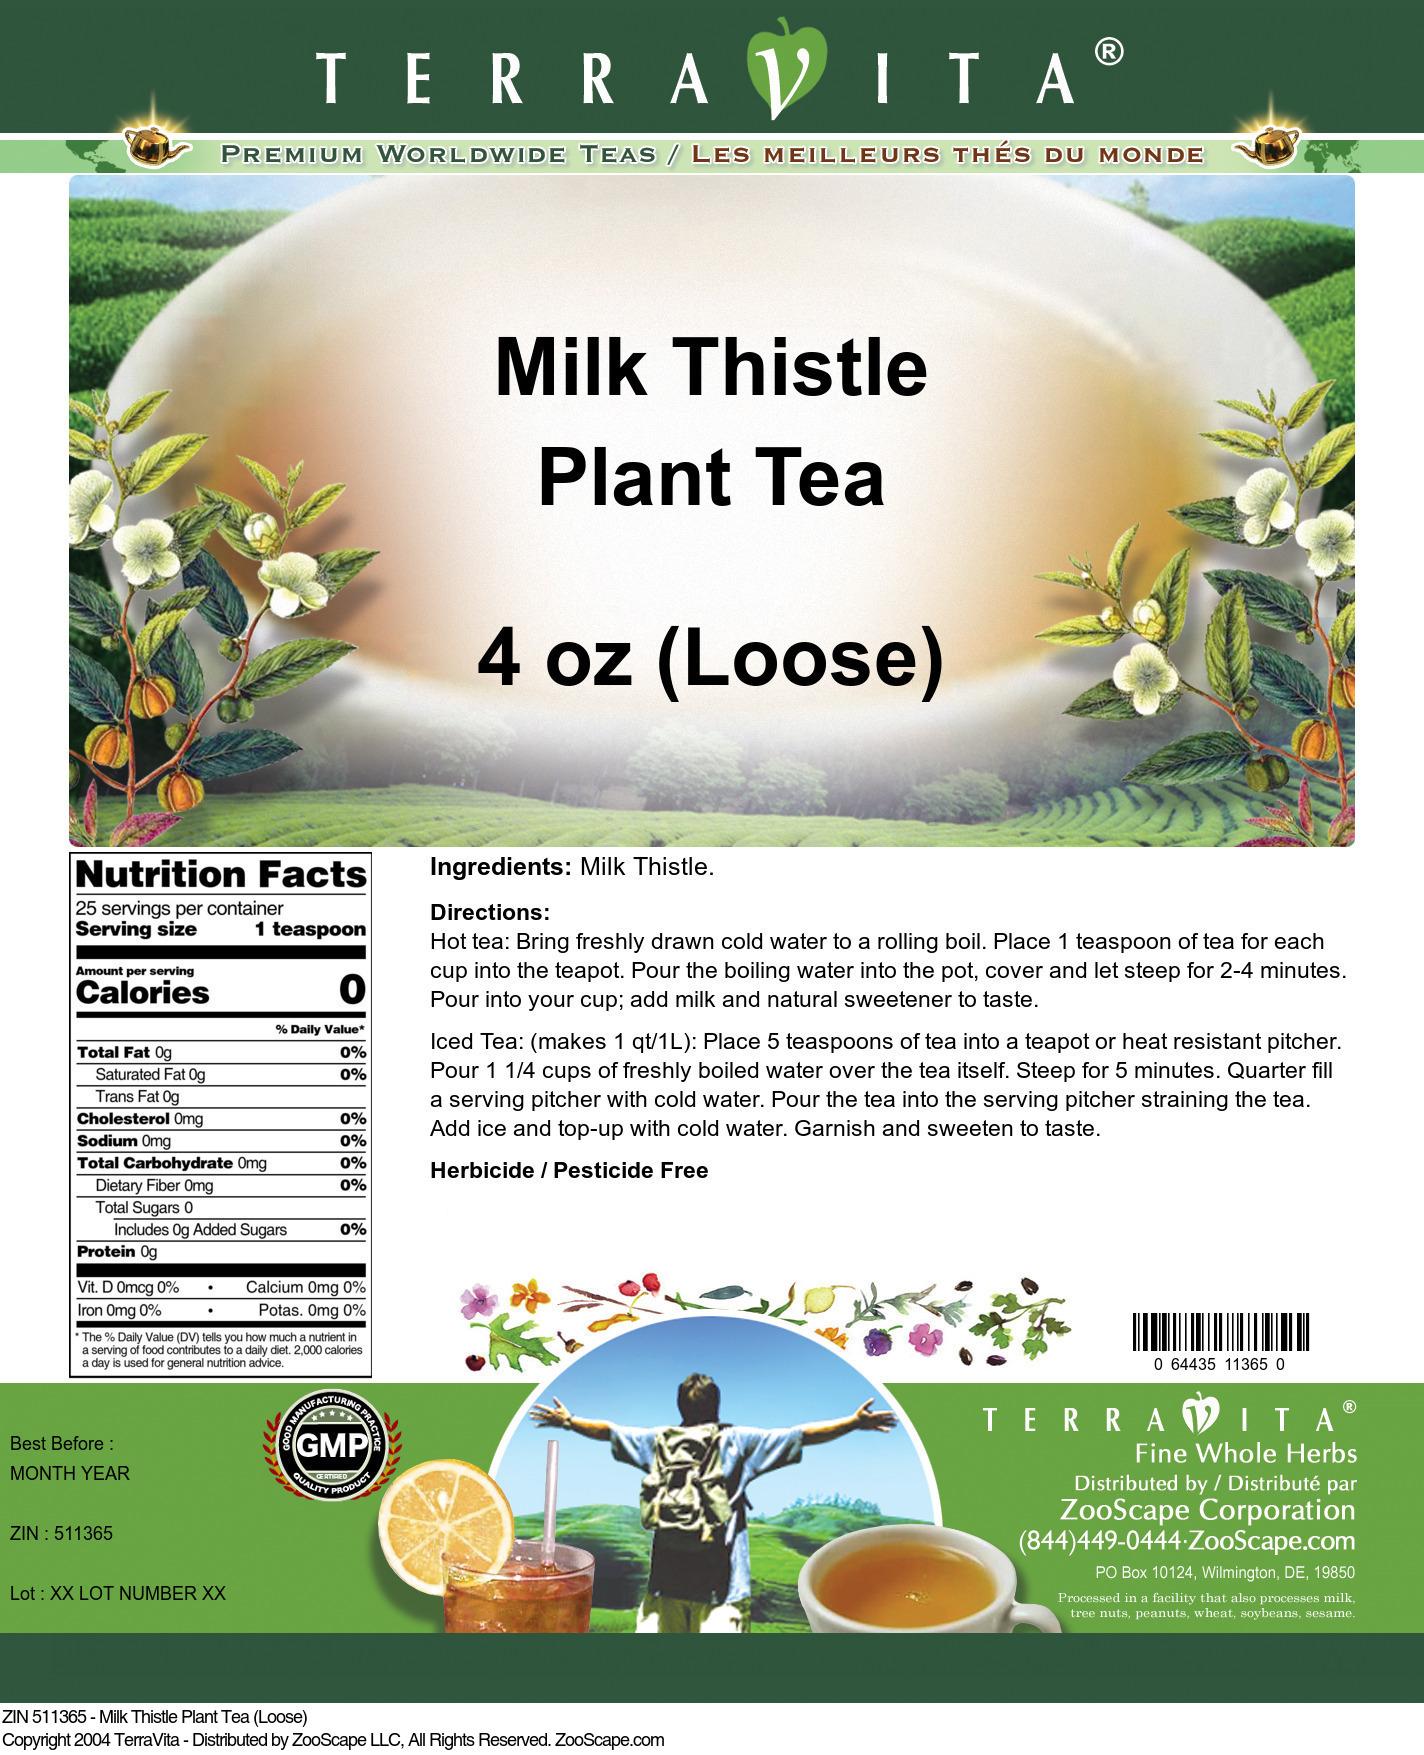 Milk Thistle Plant Tea (Loose)